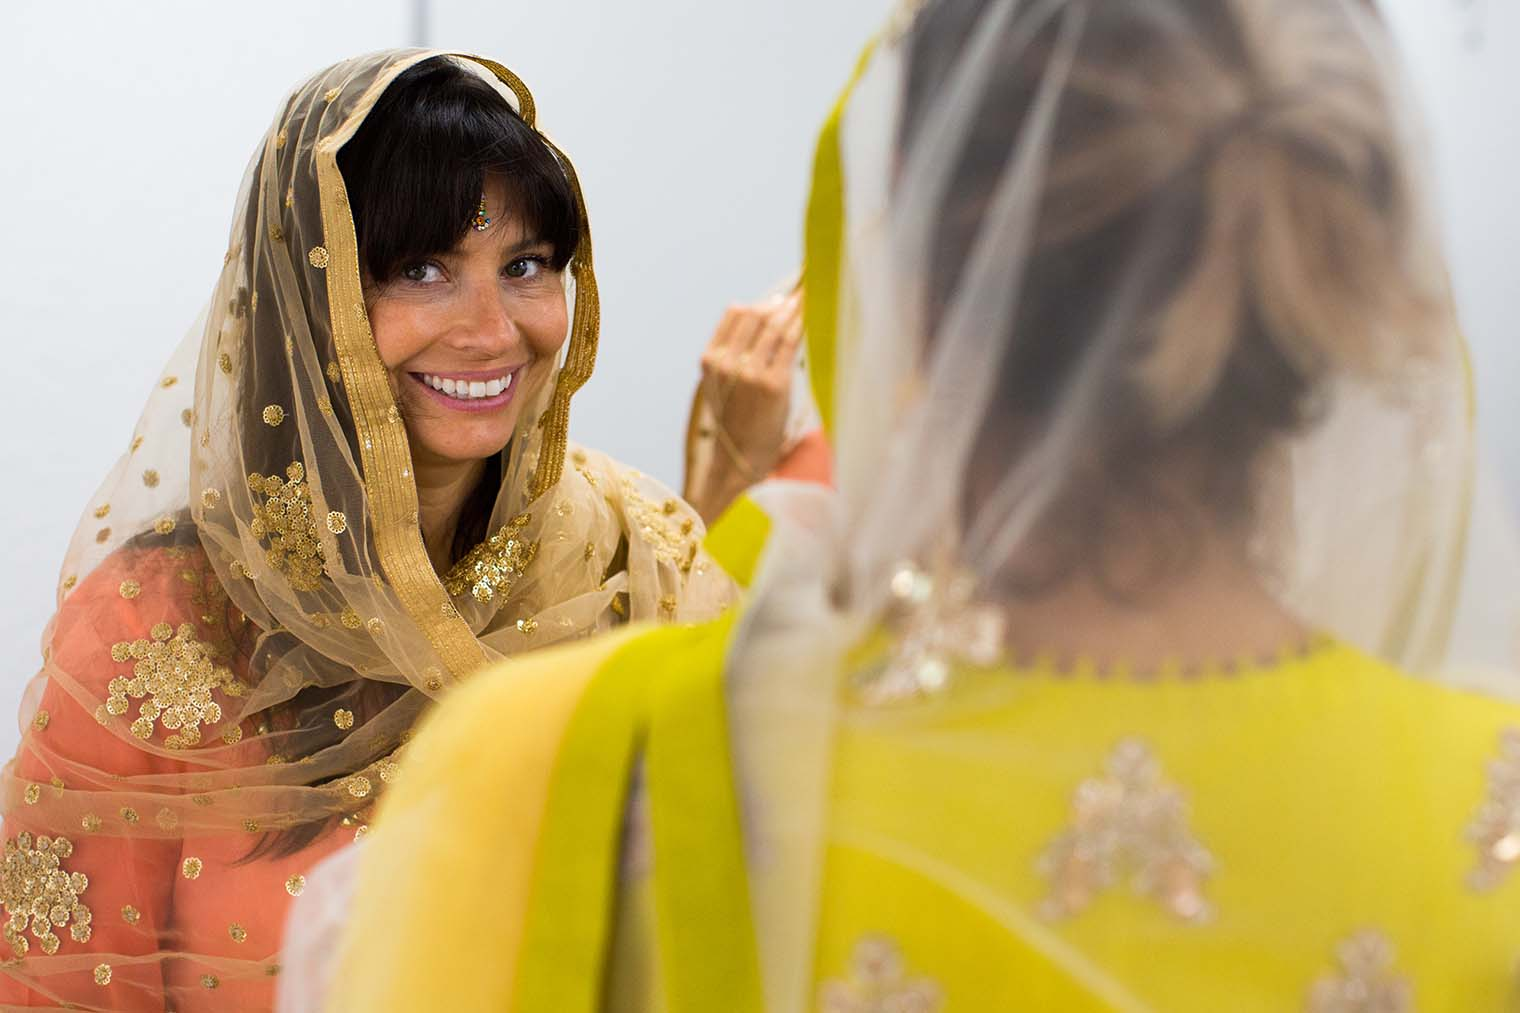 Gurdwara Sahib of Fremont Wedding